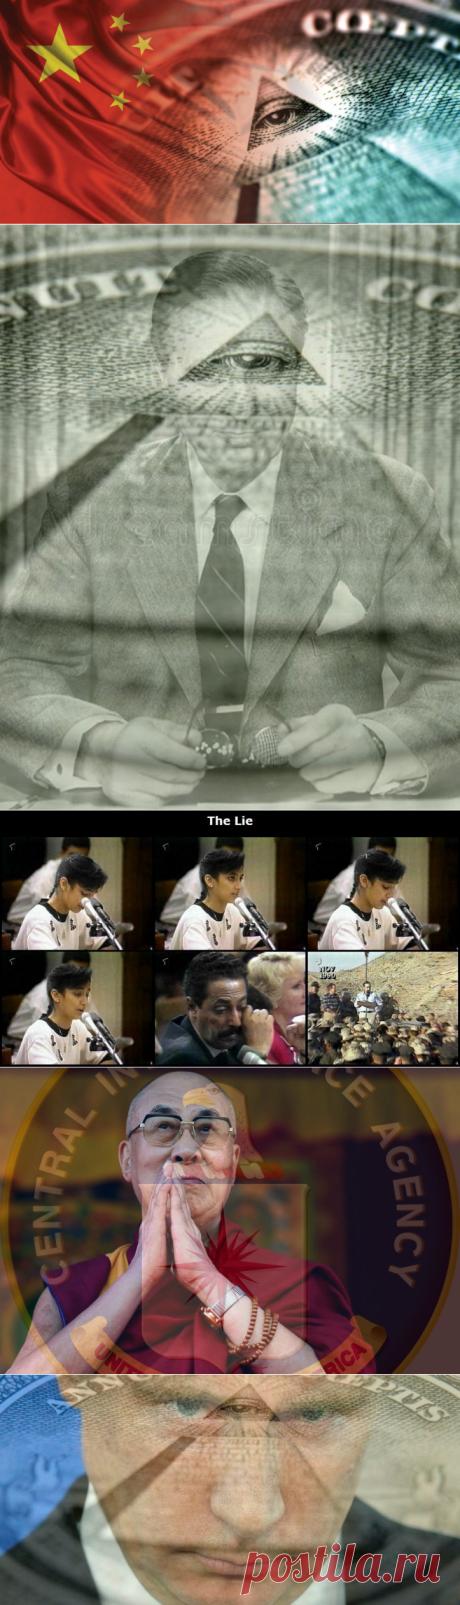 Теории заговора: правда ли, что Далай-лама многие годы работал на ЦРУ | Знаете ли вы, что... | Яндекс Дзен